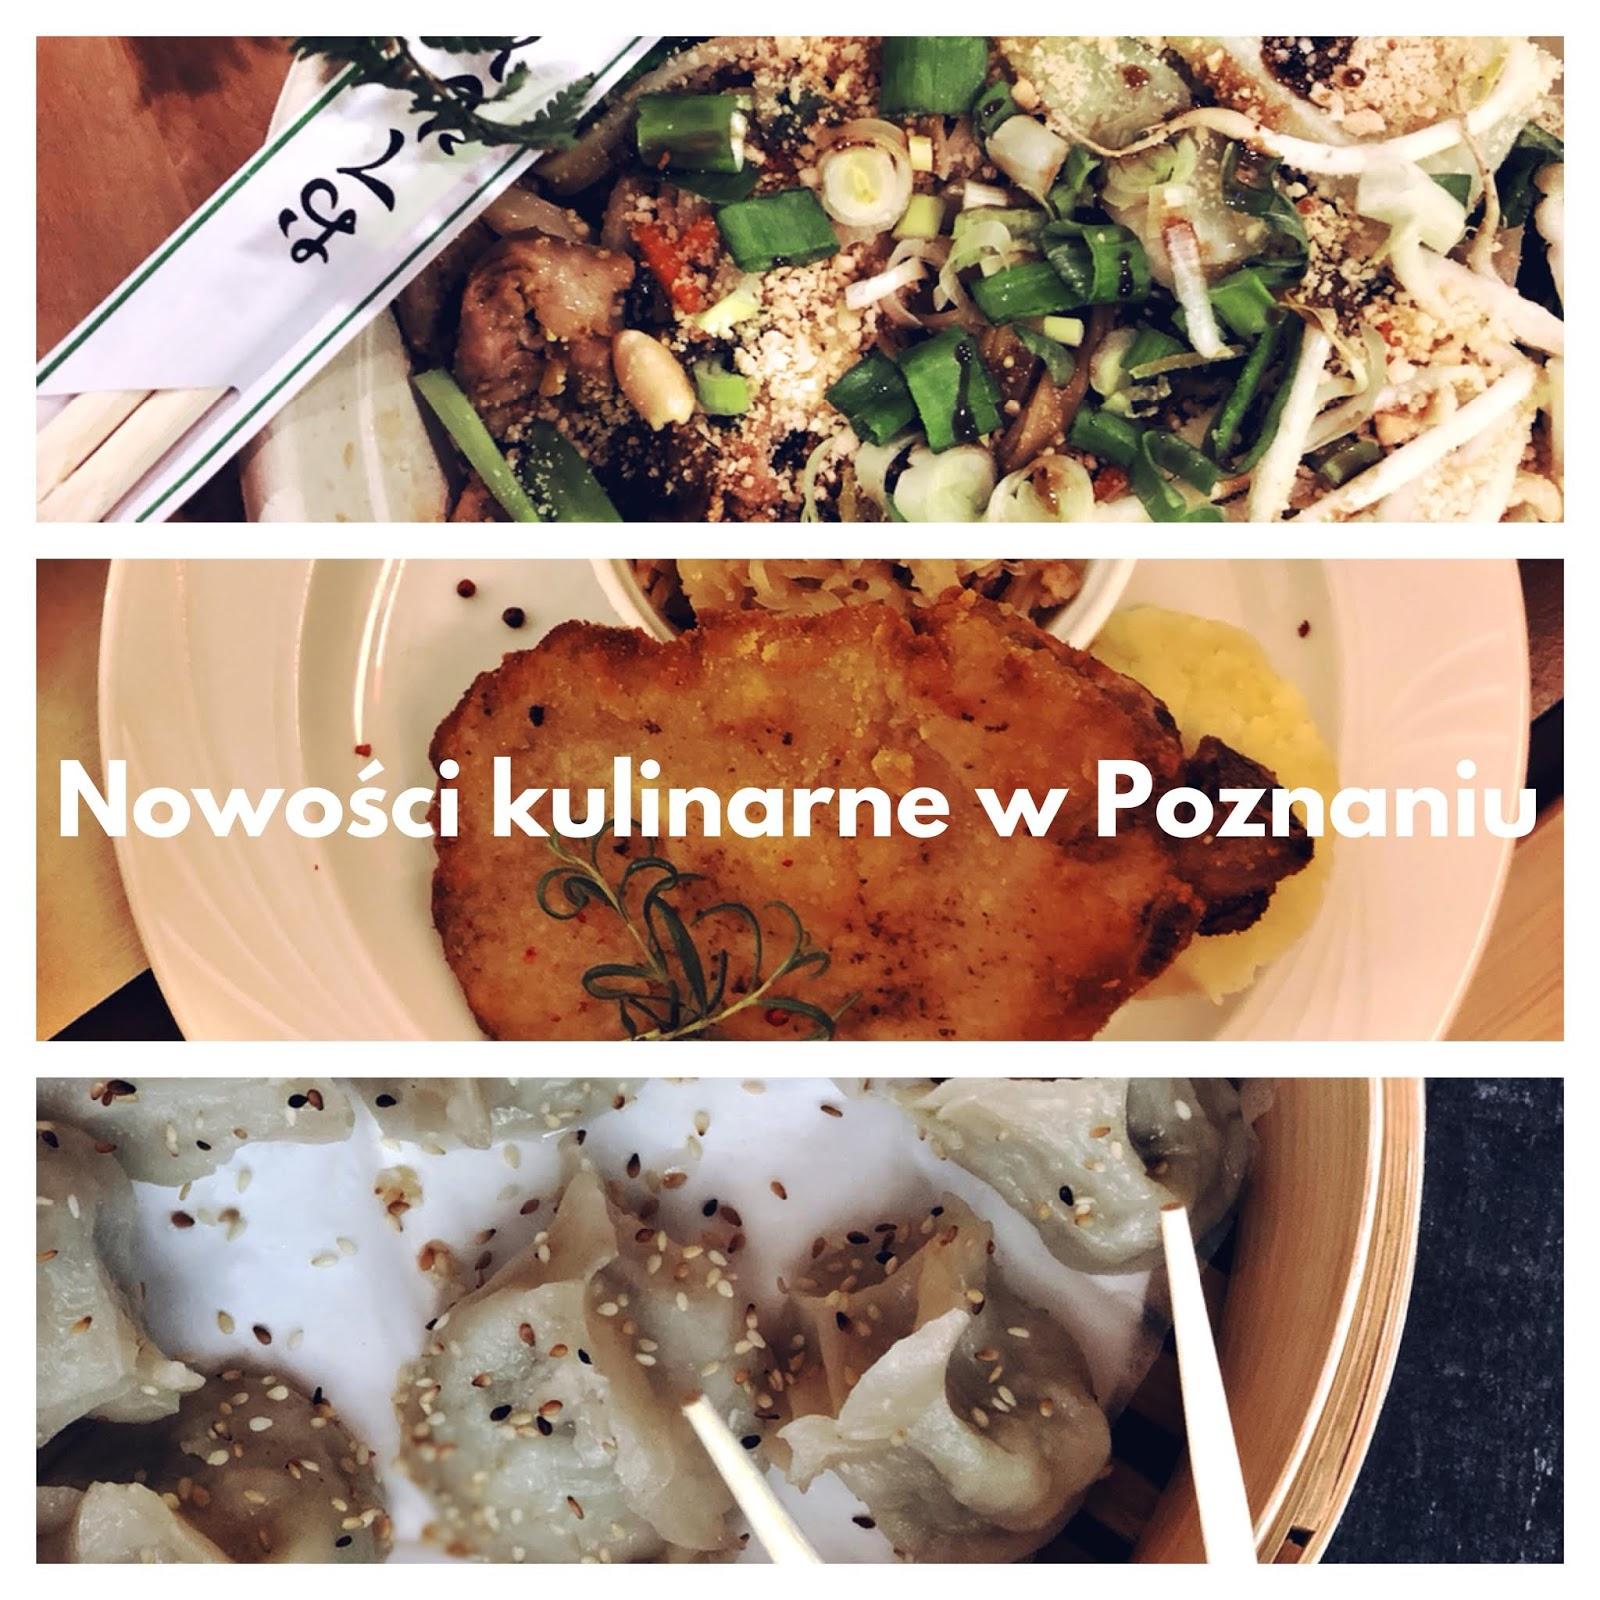 Poznań Na Widelcu Nowości Kulinarne W Poznaniu